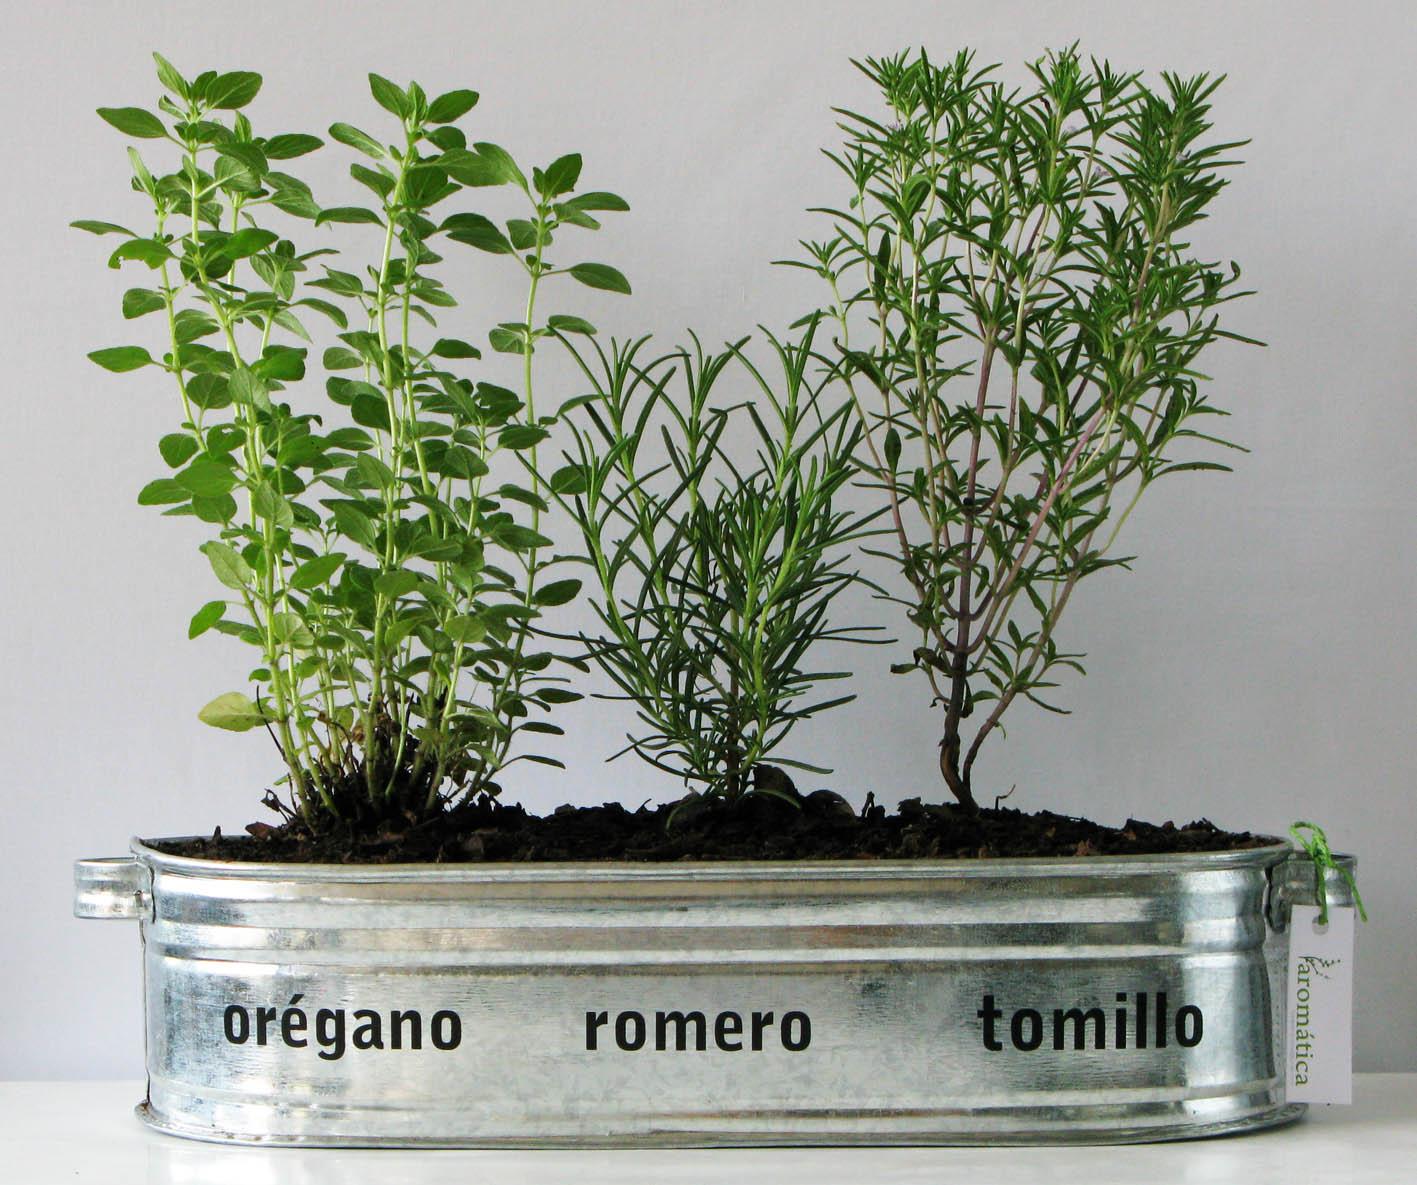 Spazio noi primavera con plantas arom ticas for Plantas aromaticas exterior todo el ano